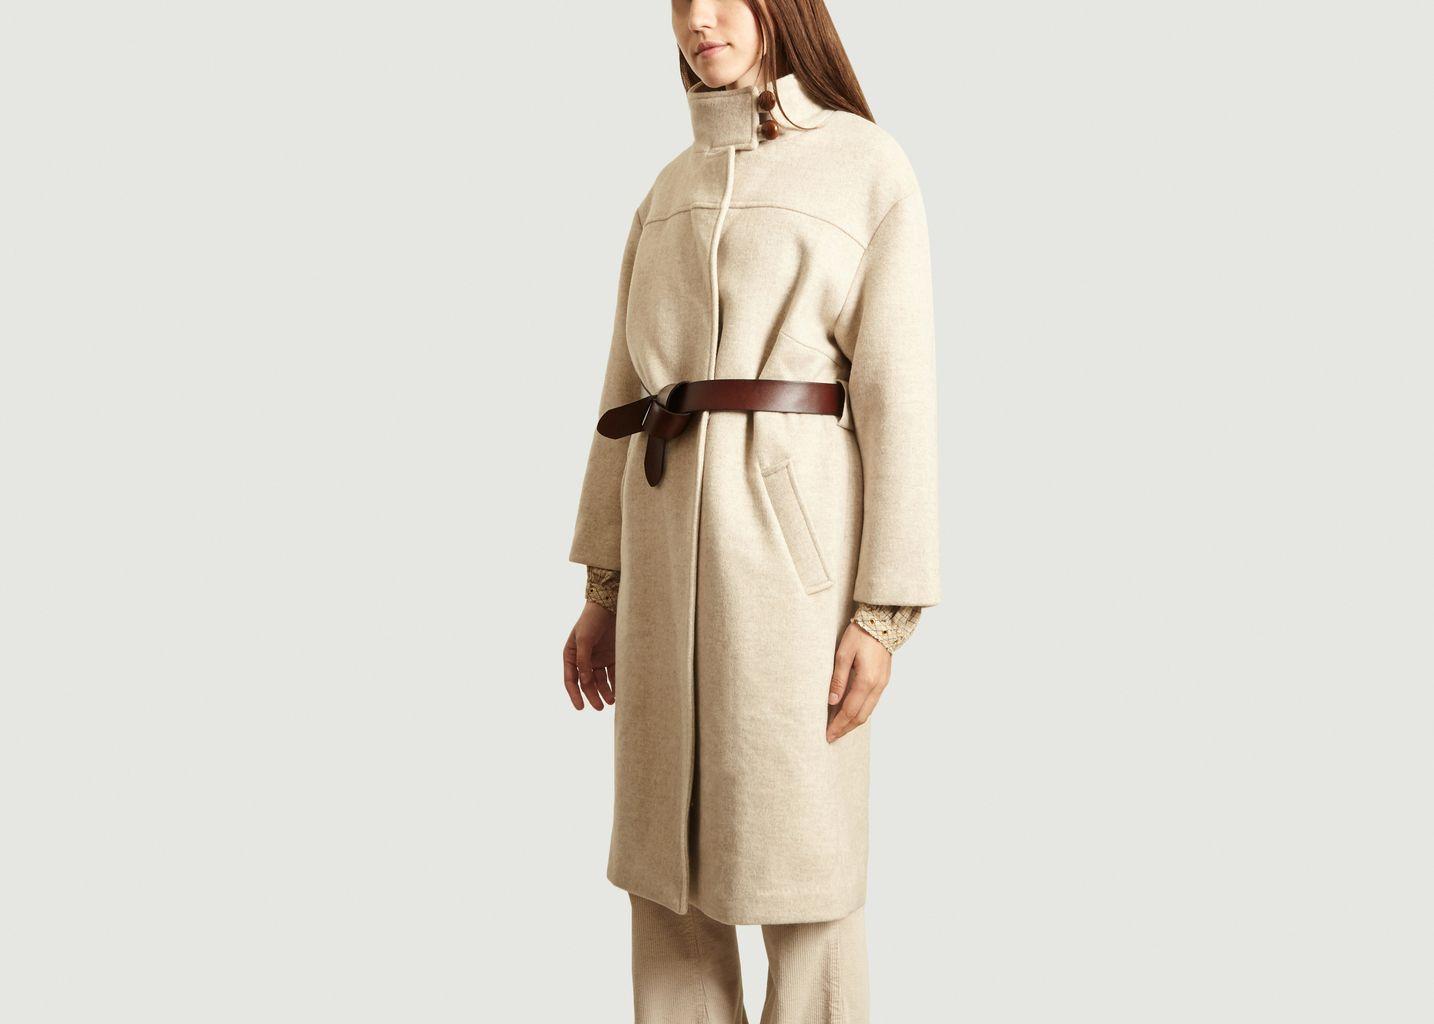 Manteau écrin avec ceinture en cuir - Suncoo